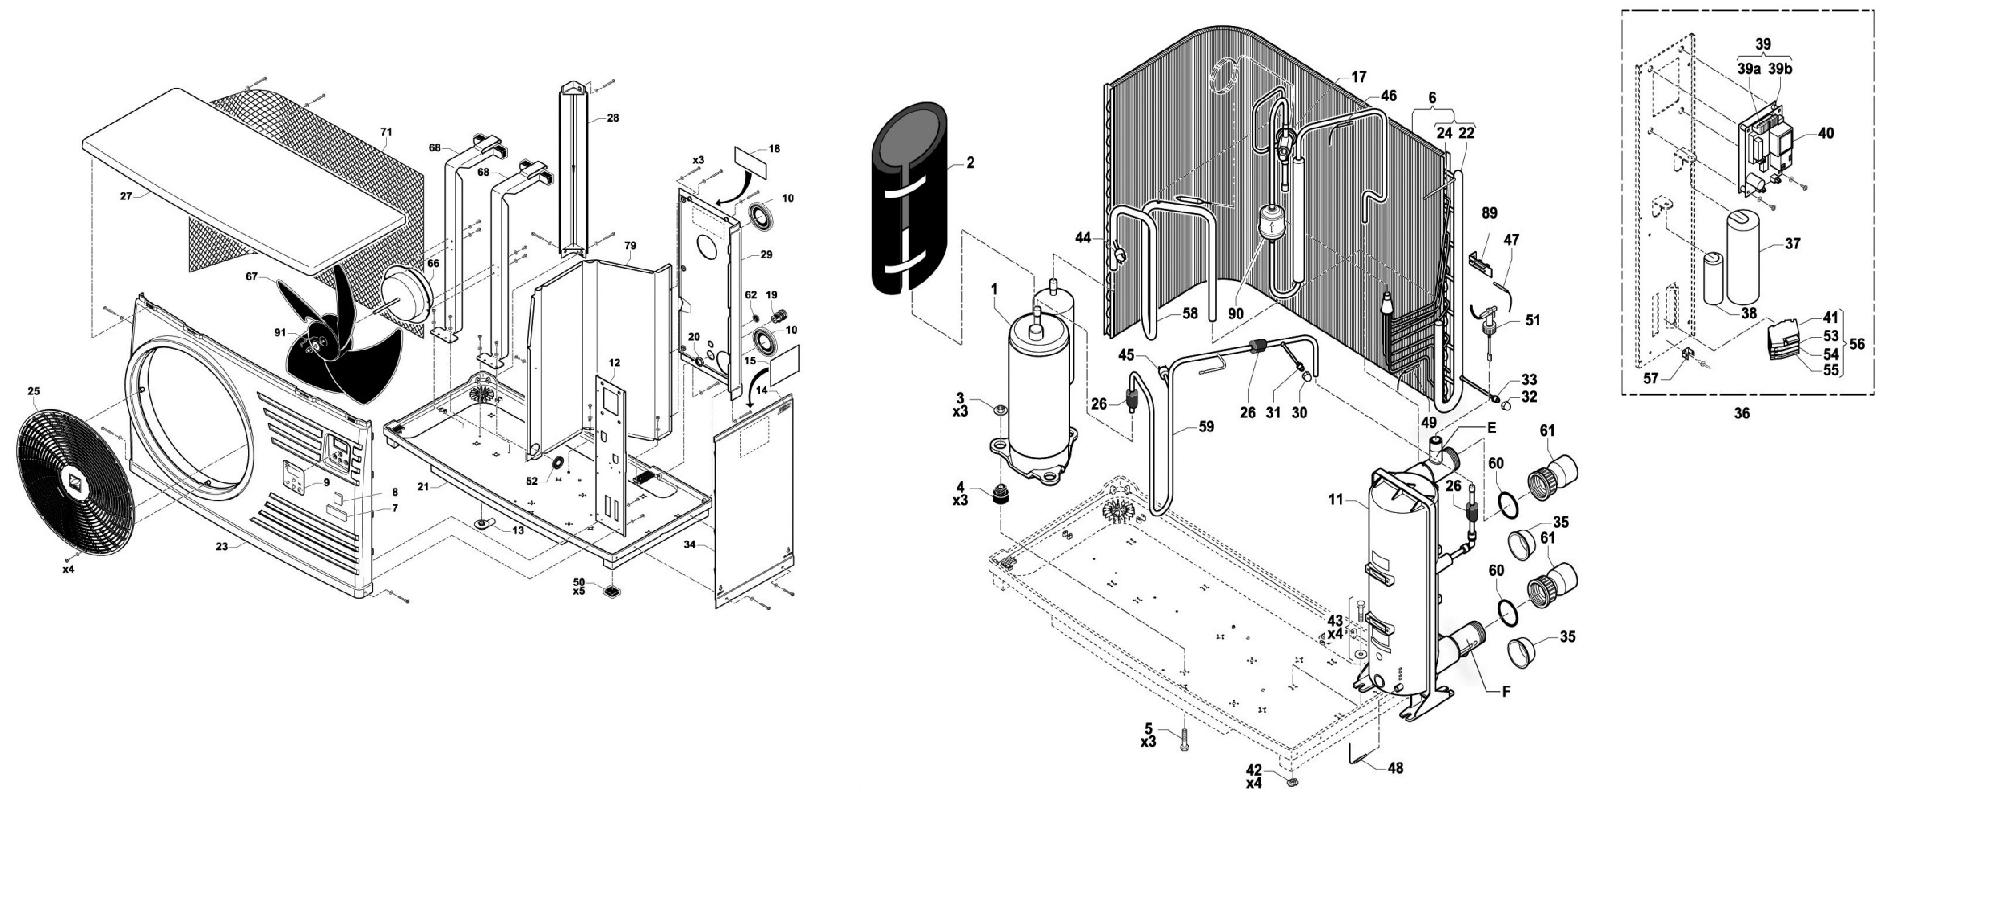 pompe chaleur zodiac pi ces d tach es isolation id es. Black Bedroom Furniture Sets. Home Design Ideas